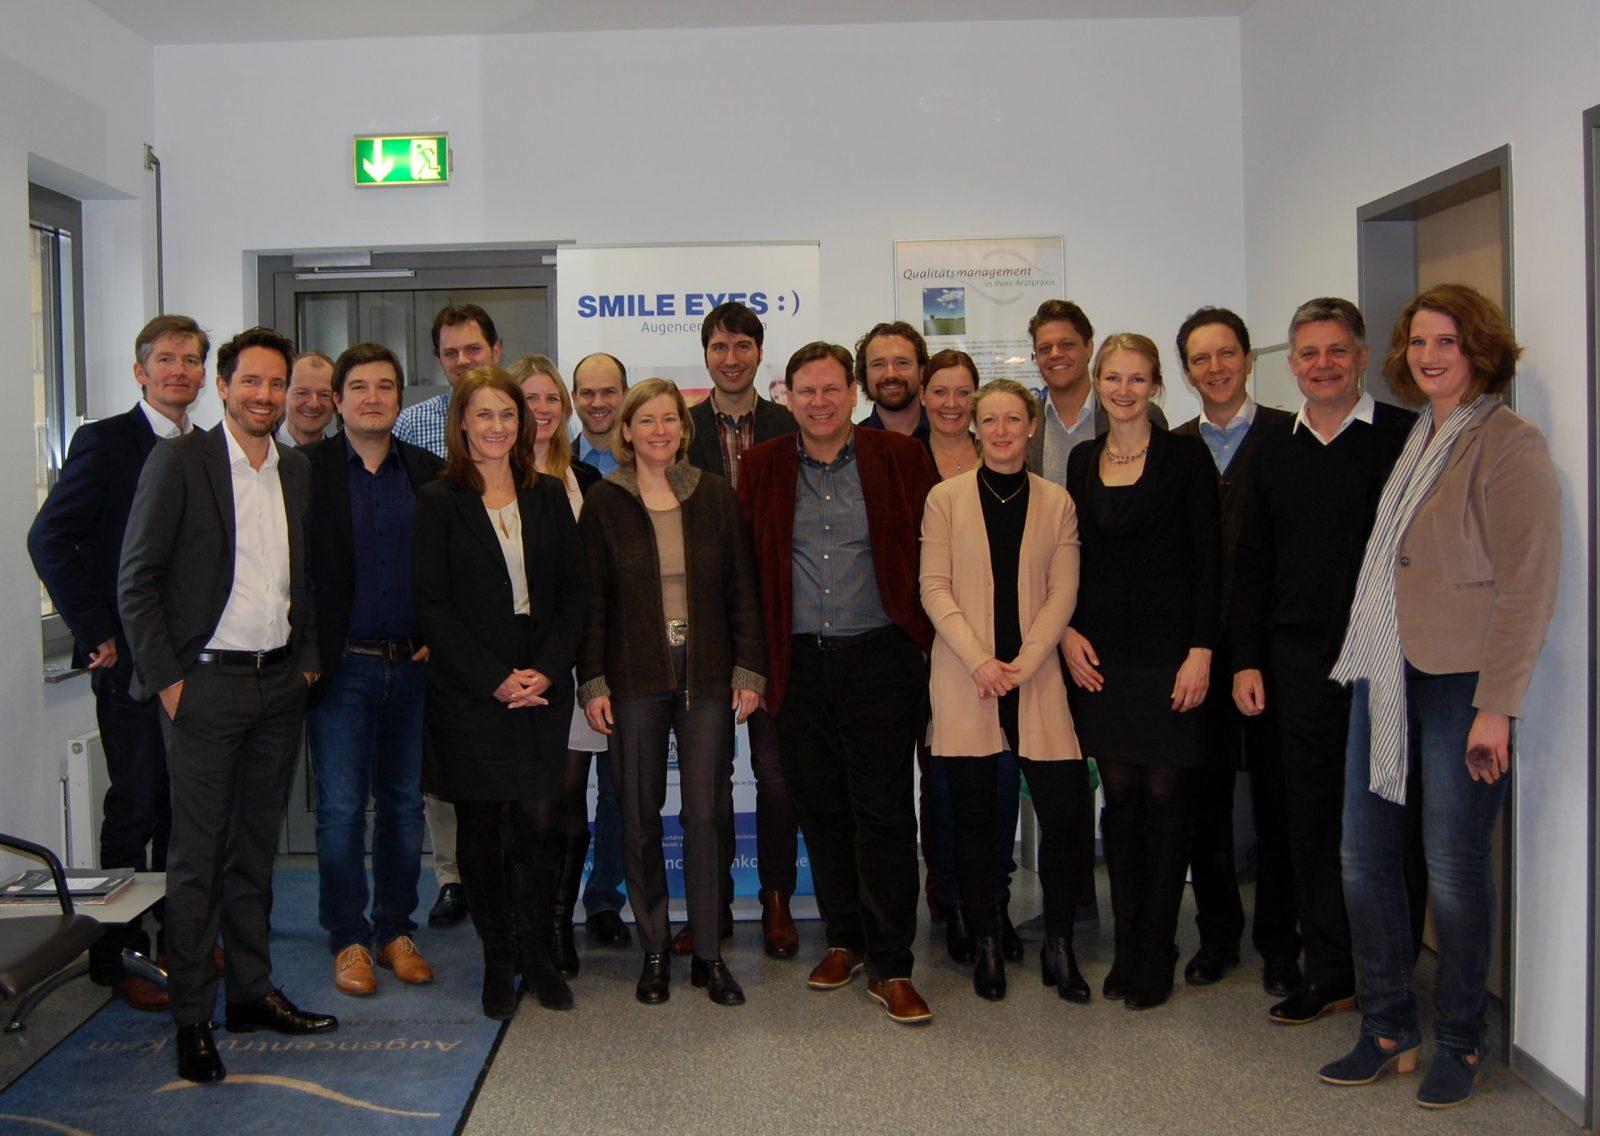 Die Smile Eyes Ärzte und Marketing Verantwortlichen beim jährlichen Marketing Meeting in Köln